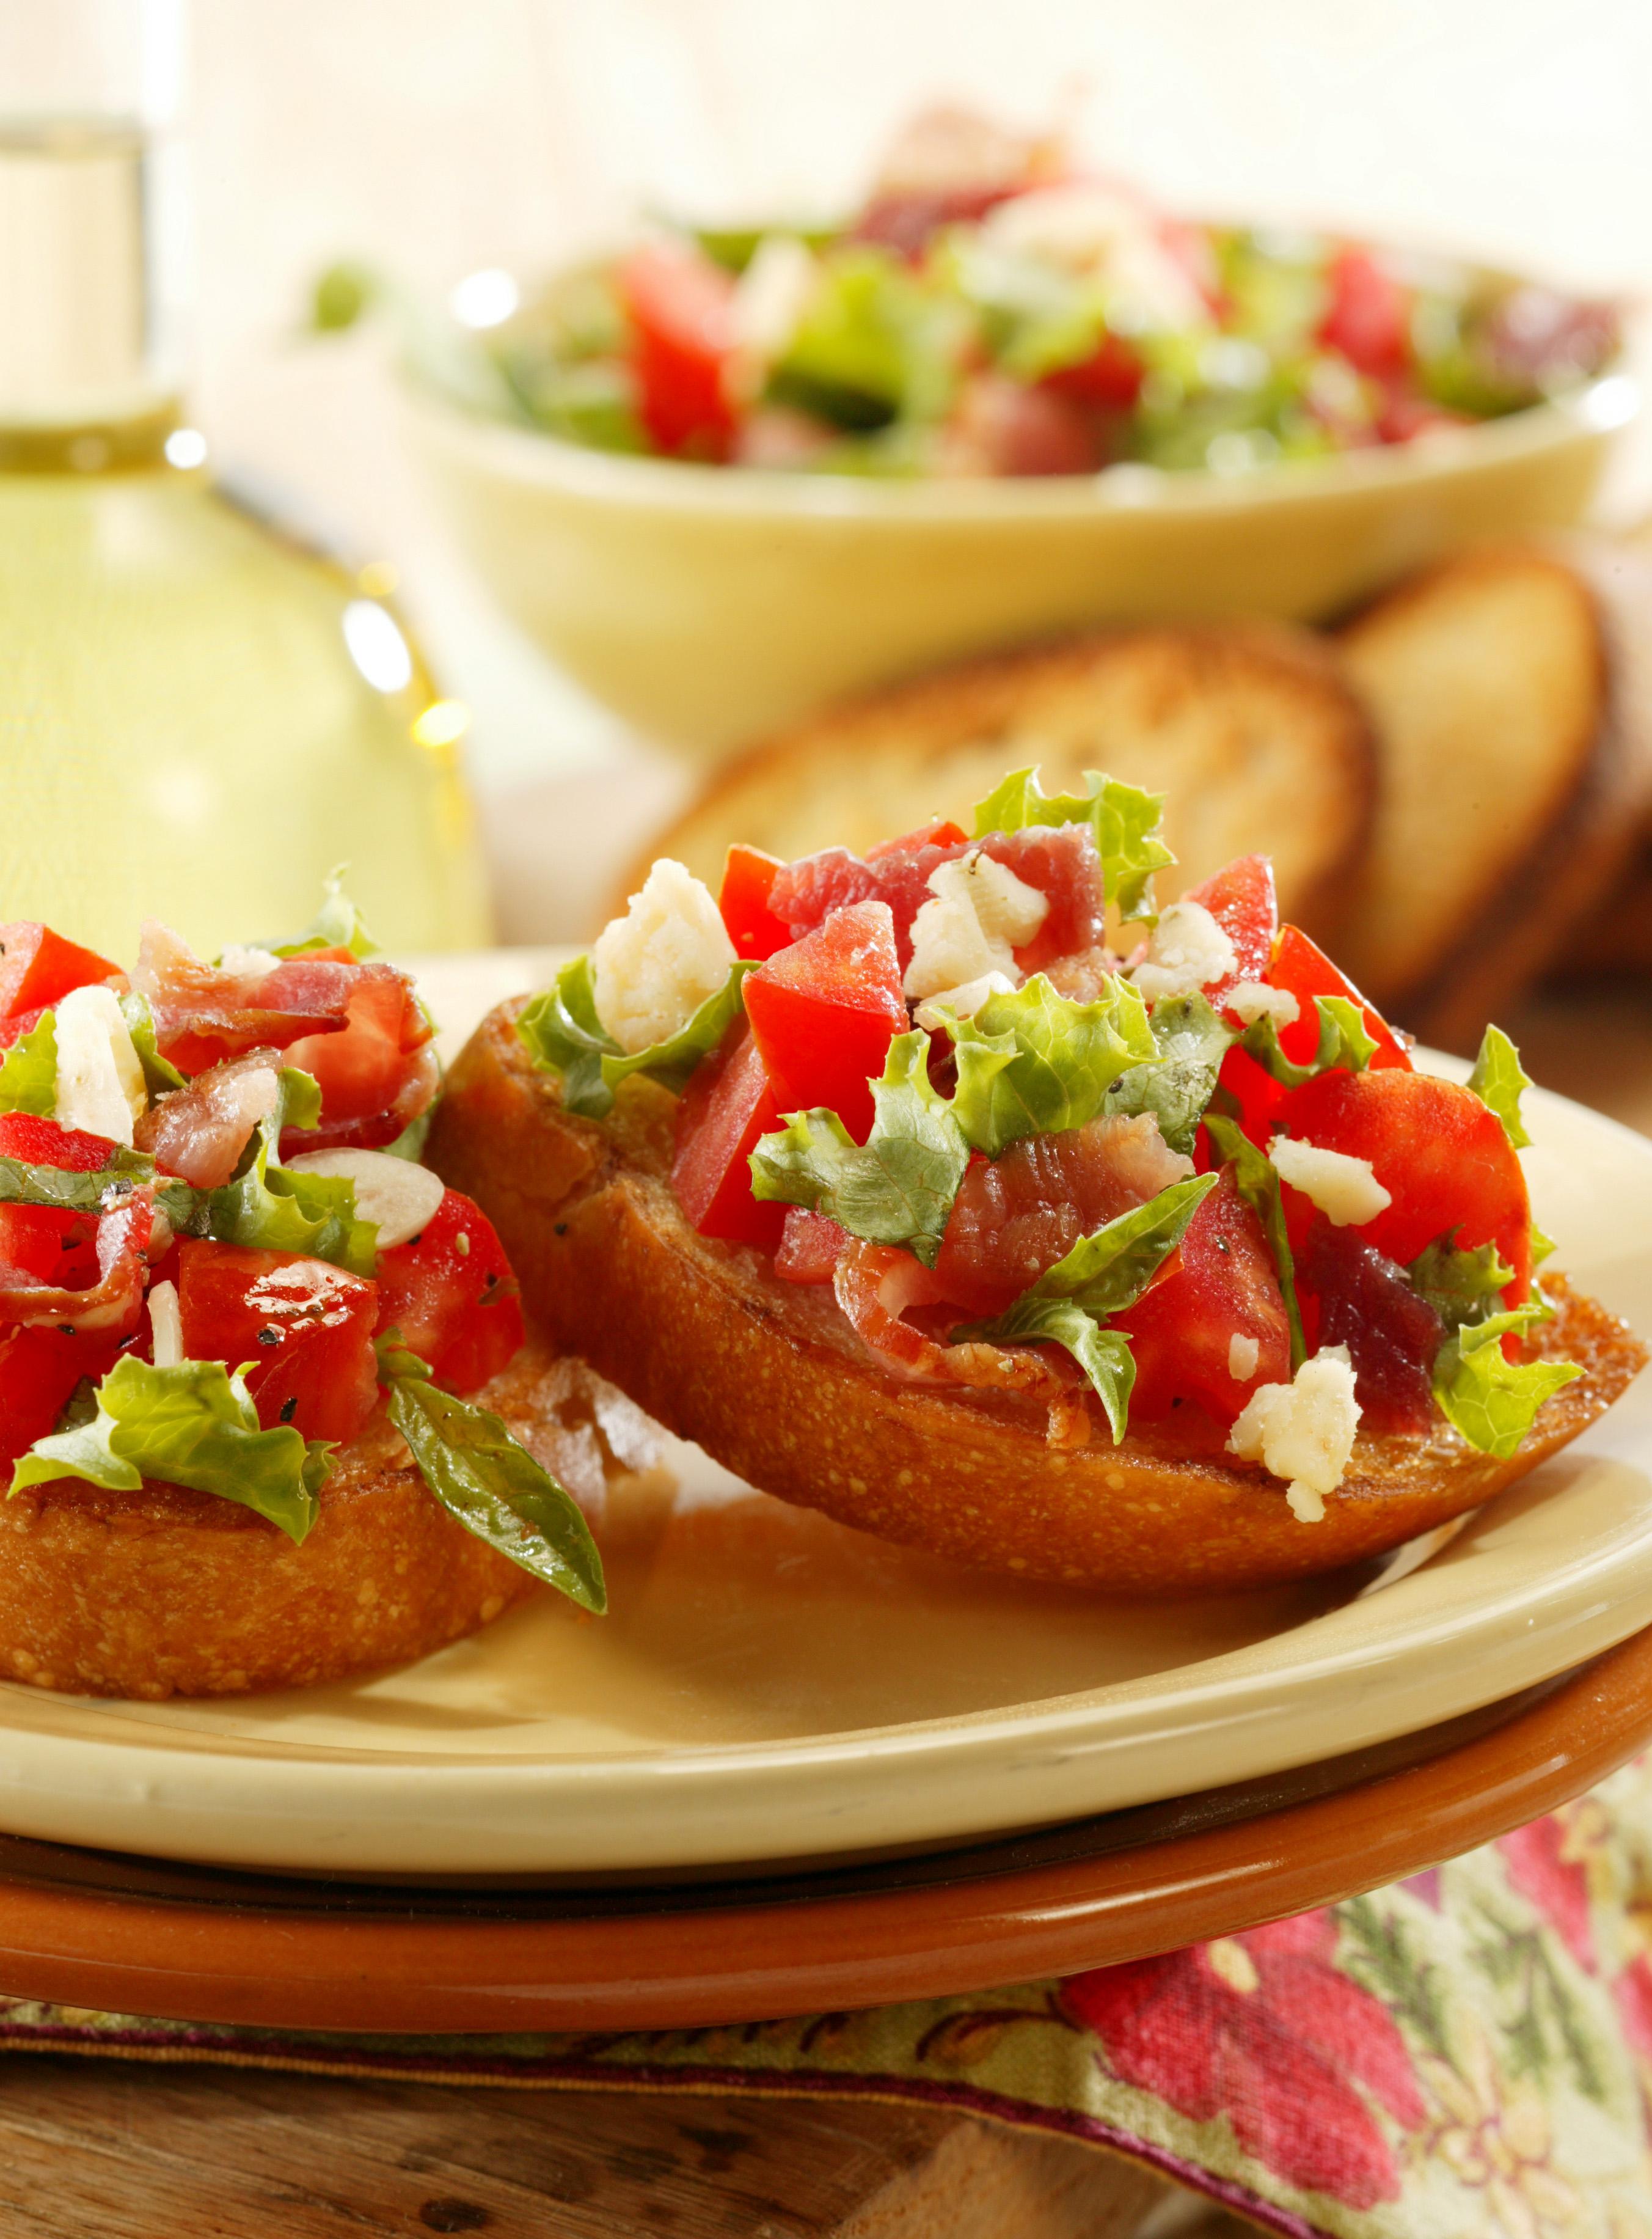 Bacon, Lettuce and Tomato Bruschetta - Pork Recipes - Pork Be Inspired